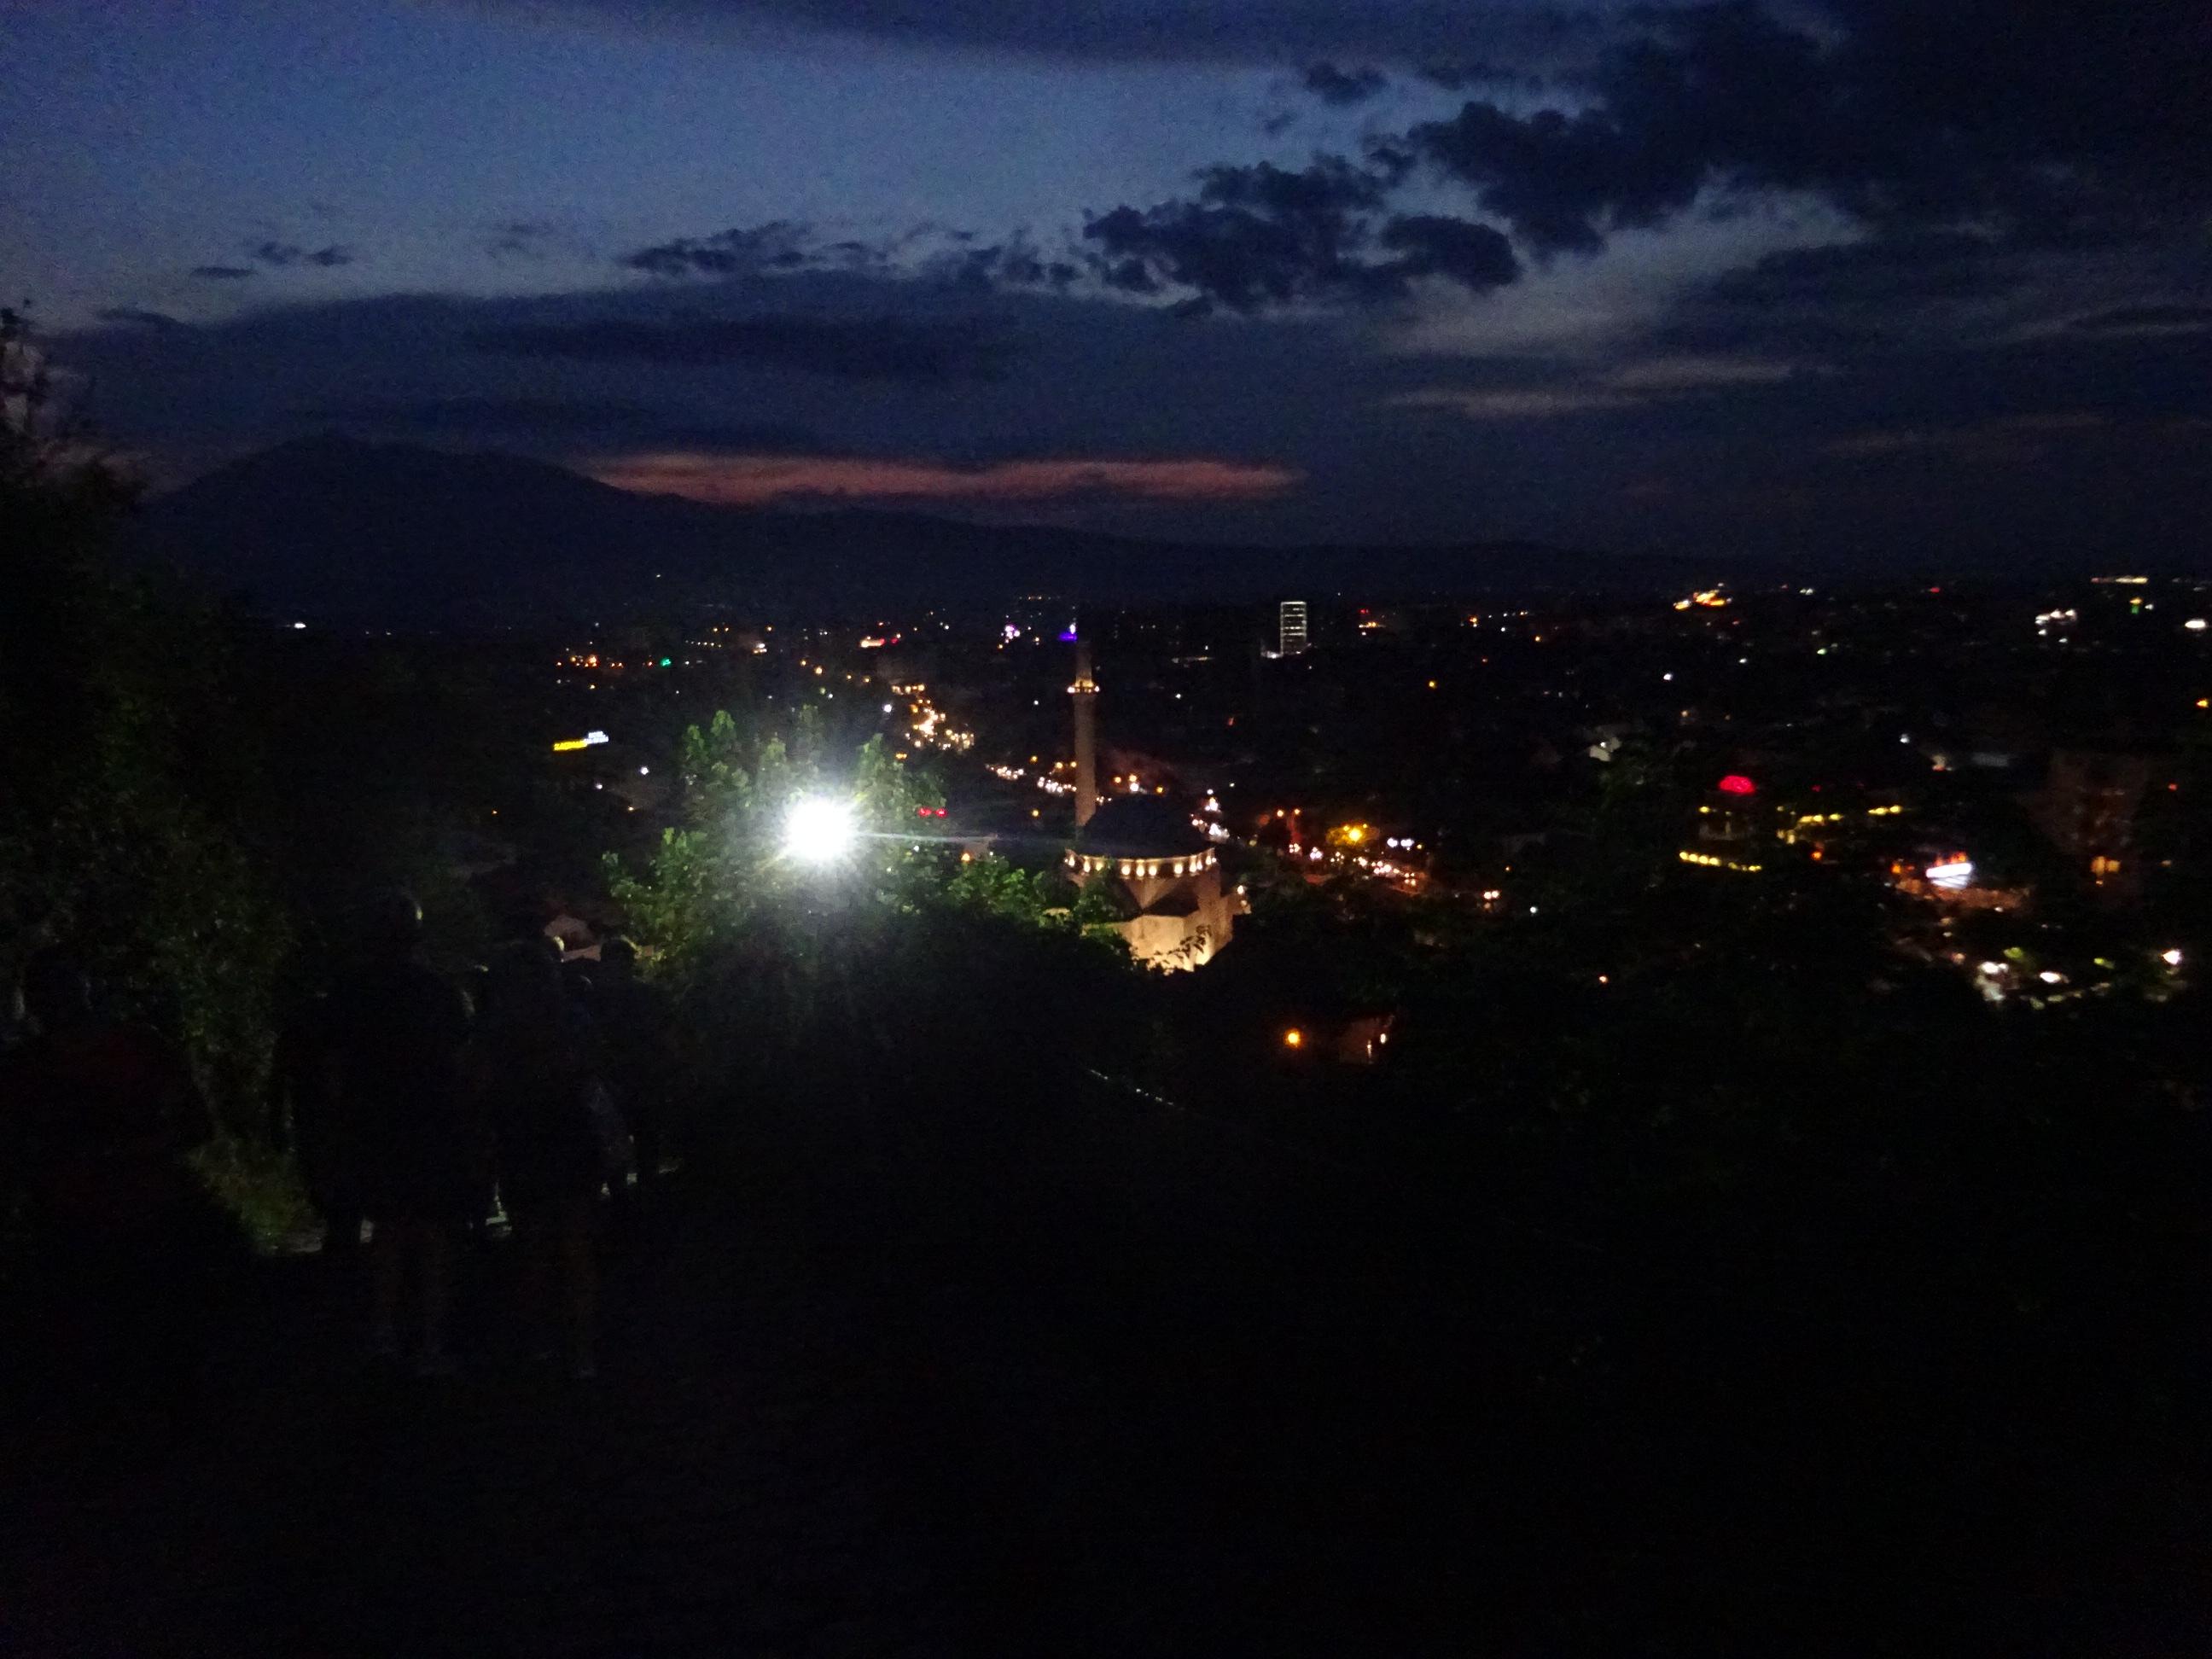 プリズレンの観光「プリズレン要塞」からの夜のプリズレン